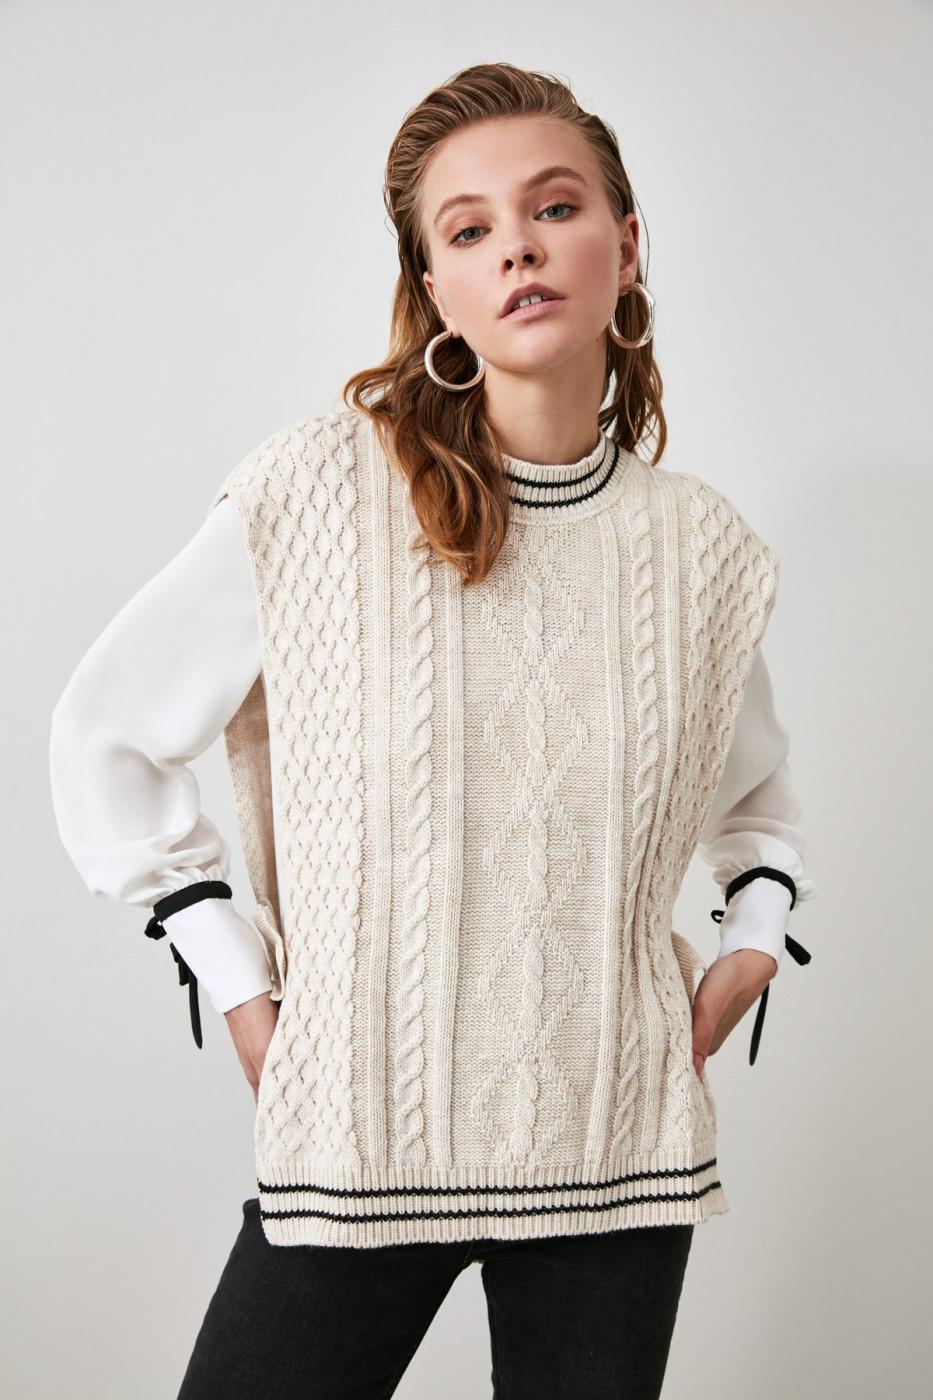 Trendyol Beige Knitting Detailed Knitwear Sweater Blouse